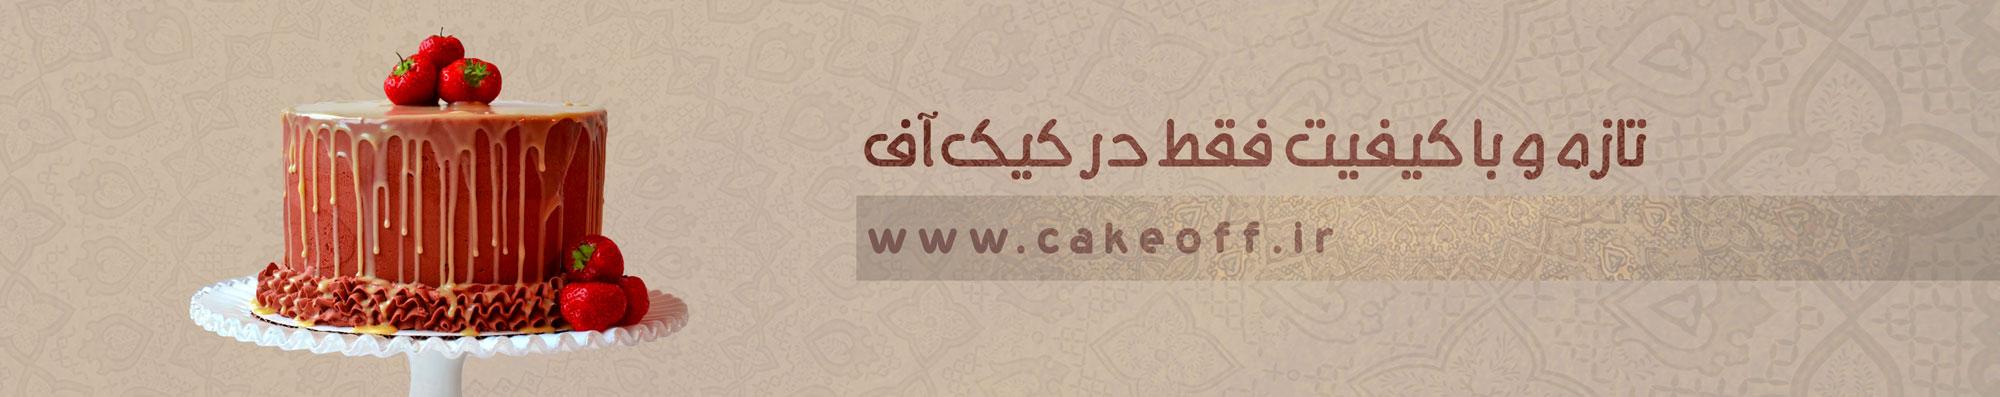 کیک های تازه و با بهترین کیفیت